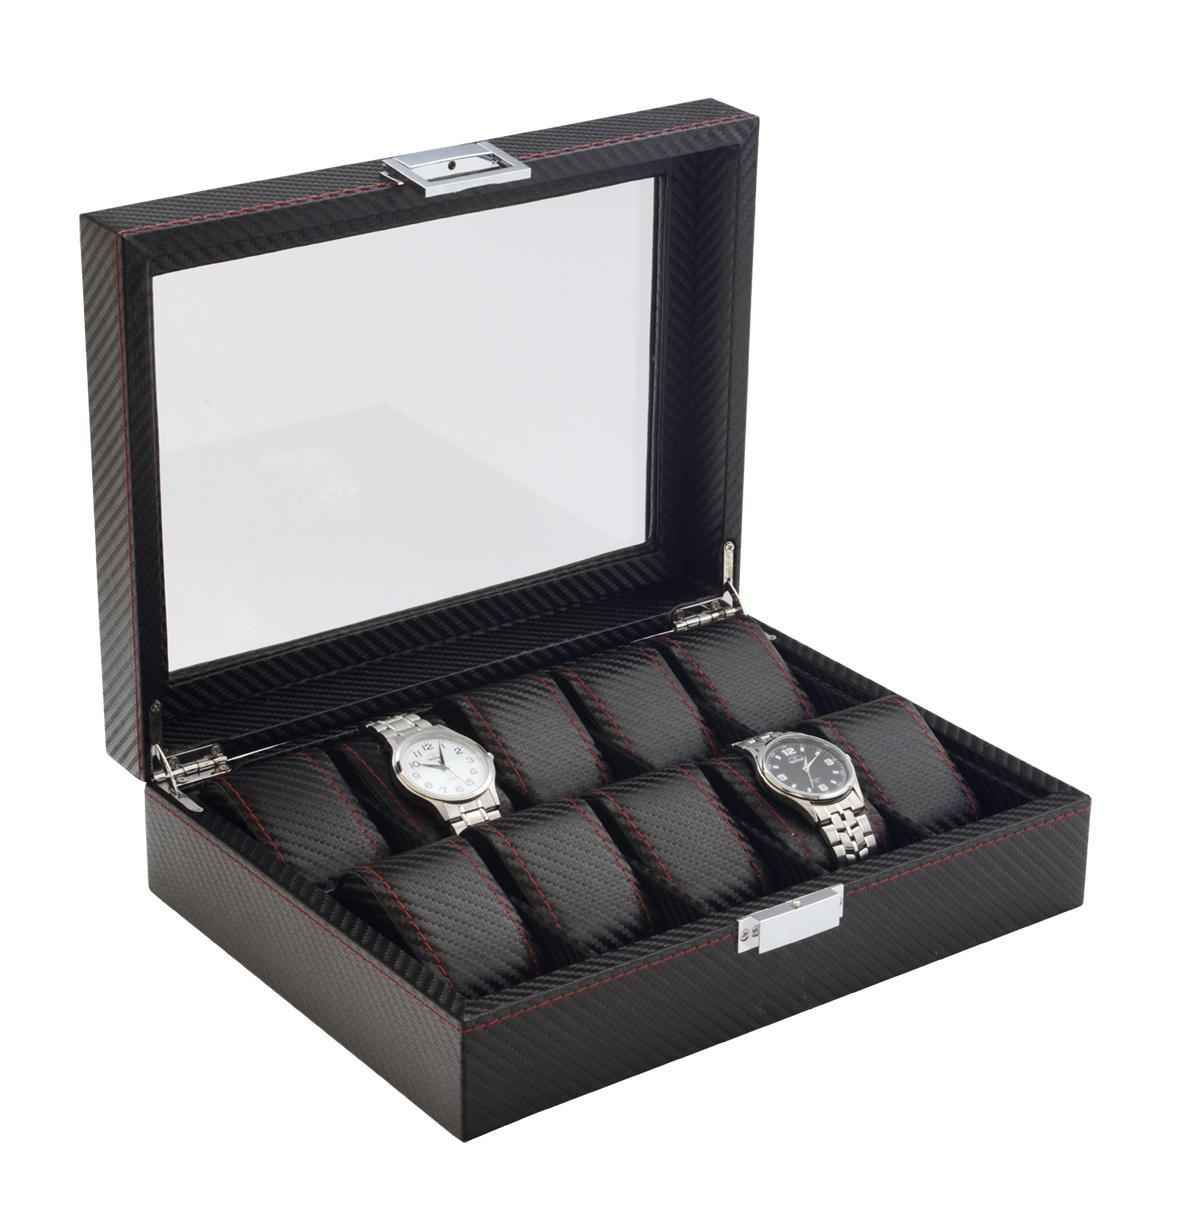 Kazeta na hodinky JKBox SP-698/A25